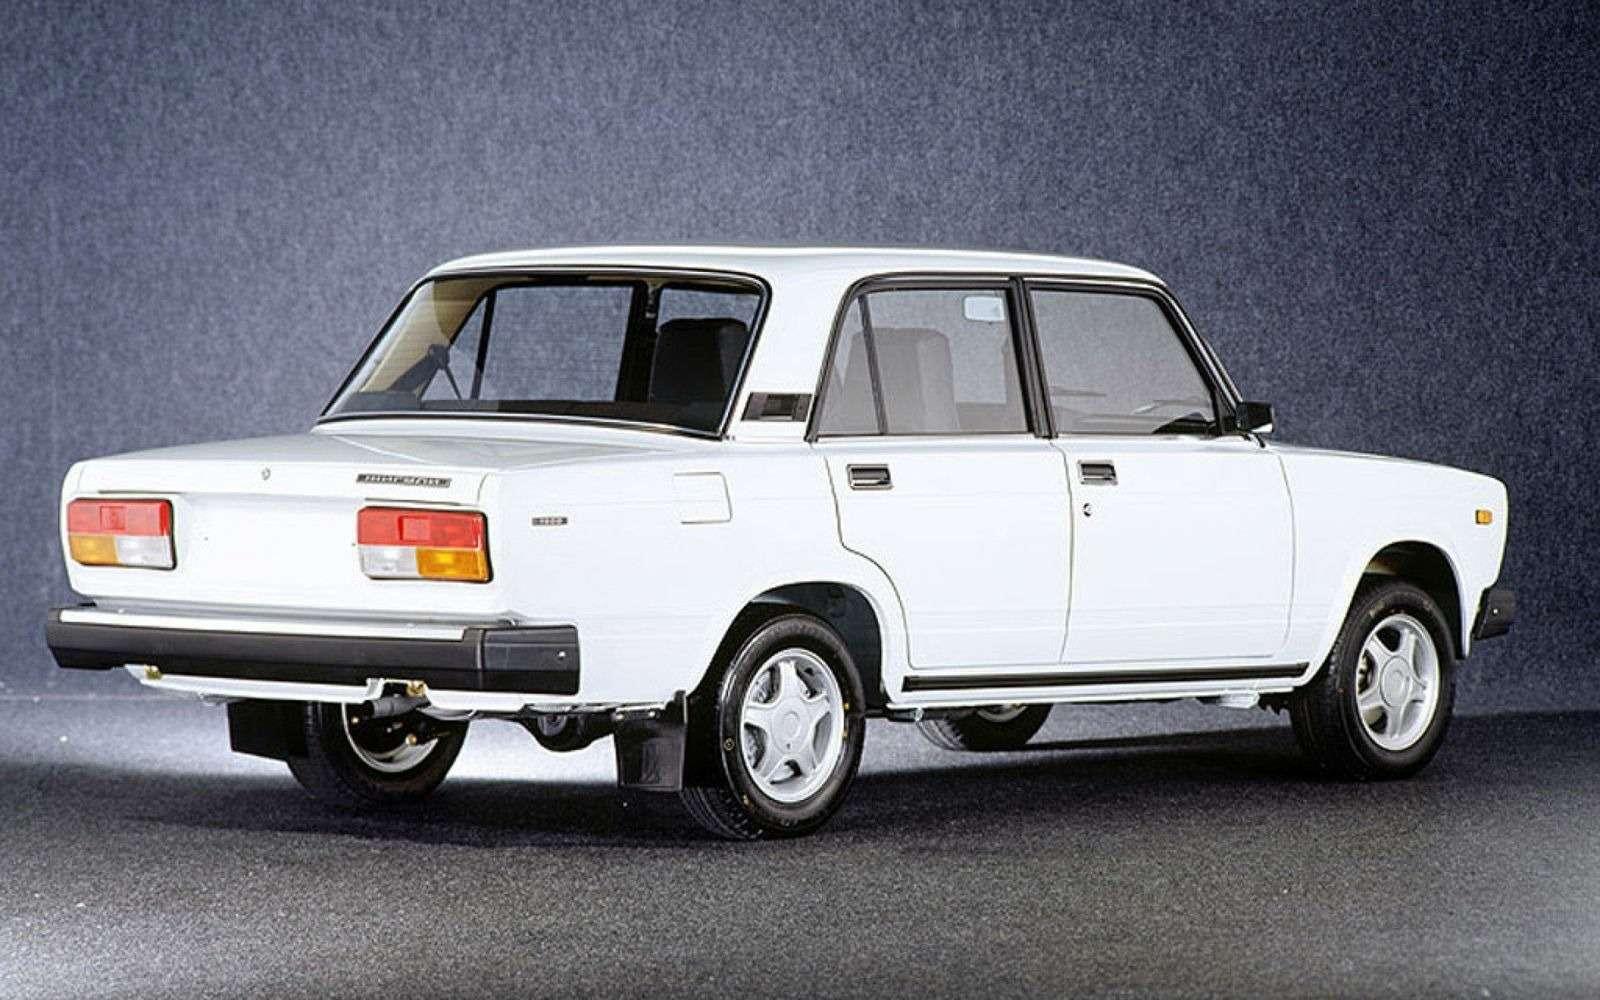 Продажи автомобилей спробегом виюле упали на19%, влидерах— Lada— фото 386895